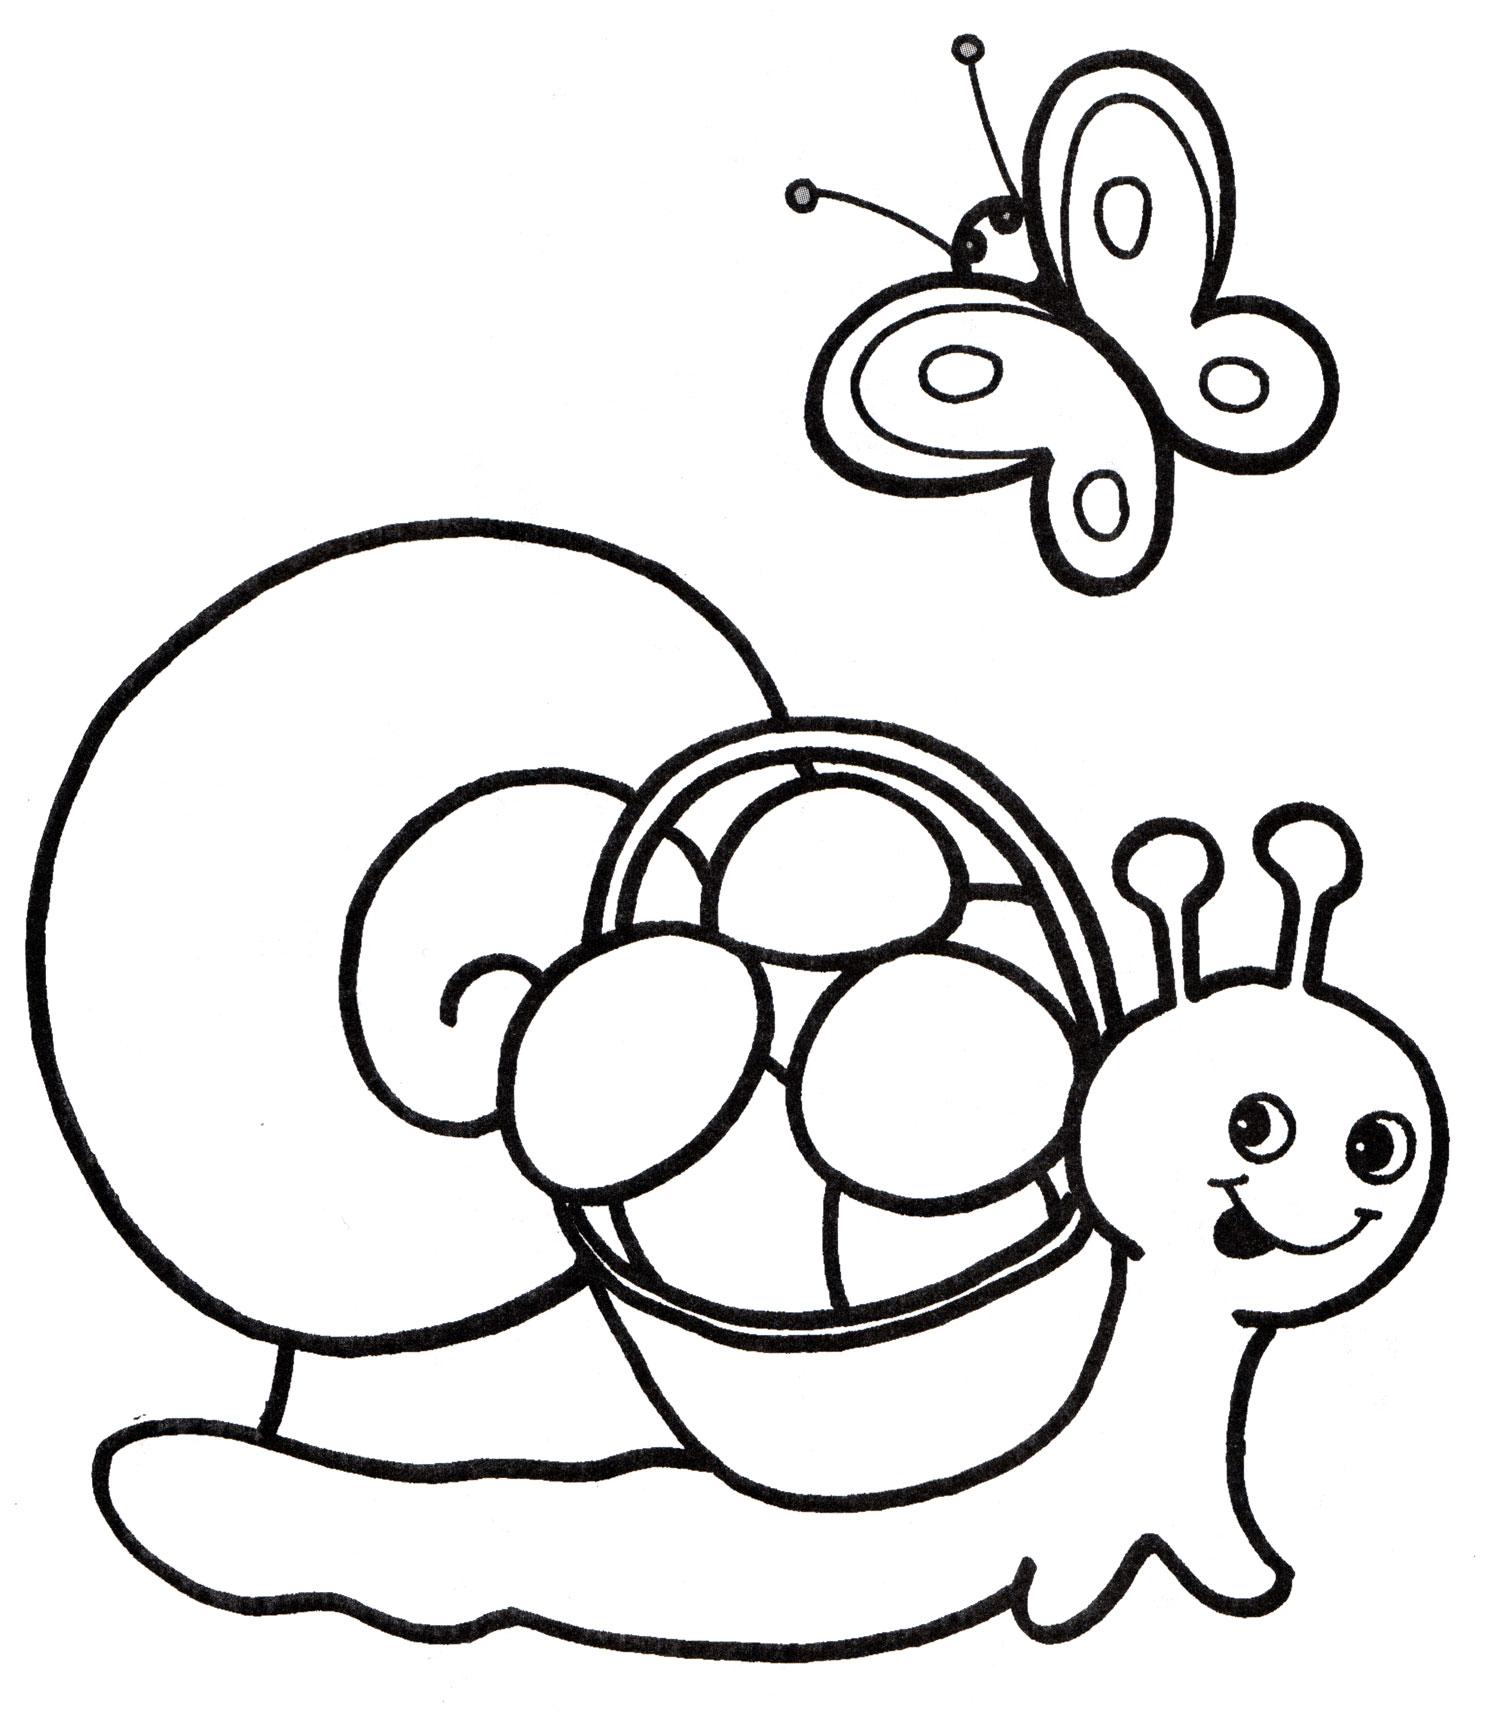 Раскраска Улитка собрала грибы - распечатать бесплатно